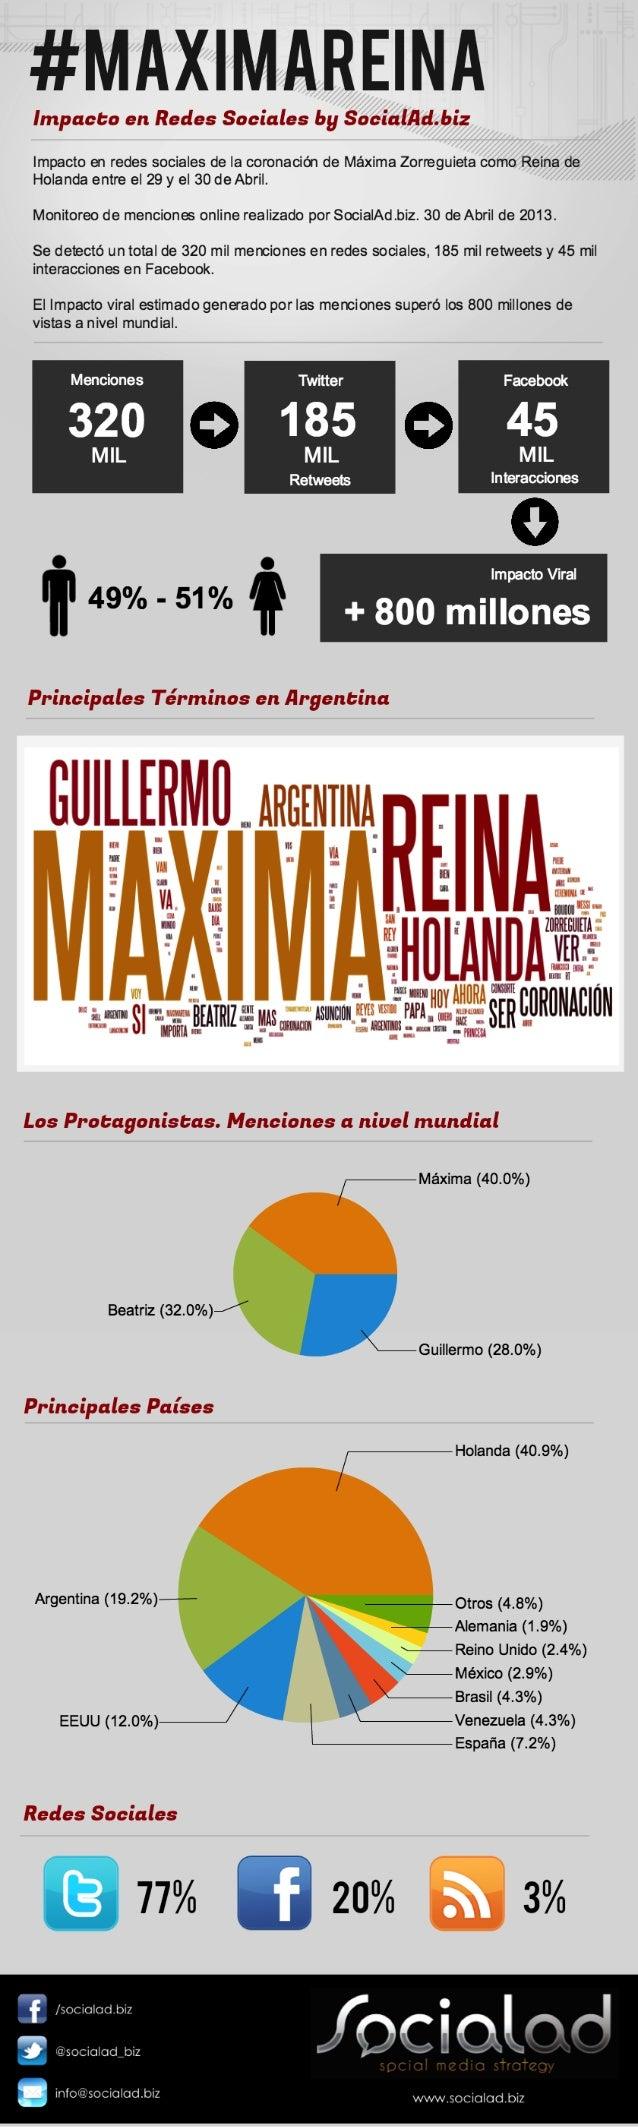 Máxima Reina de Holanda. Impacto en redes sociales por SocialAd.biz